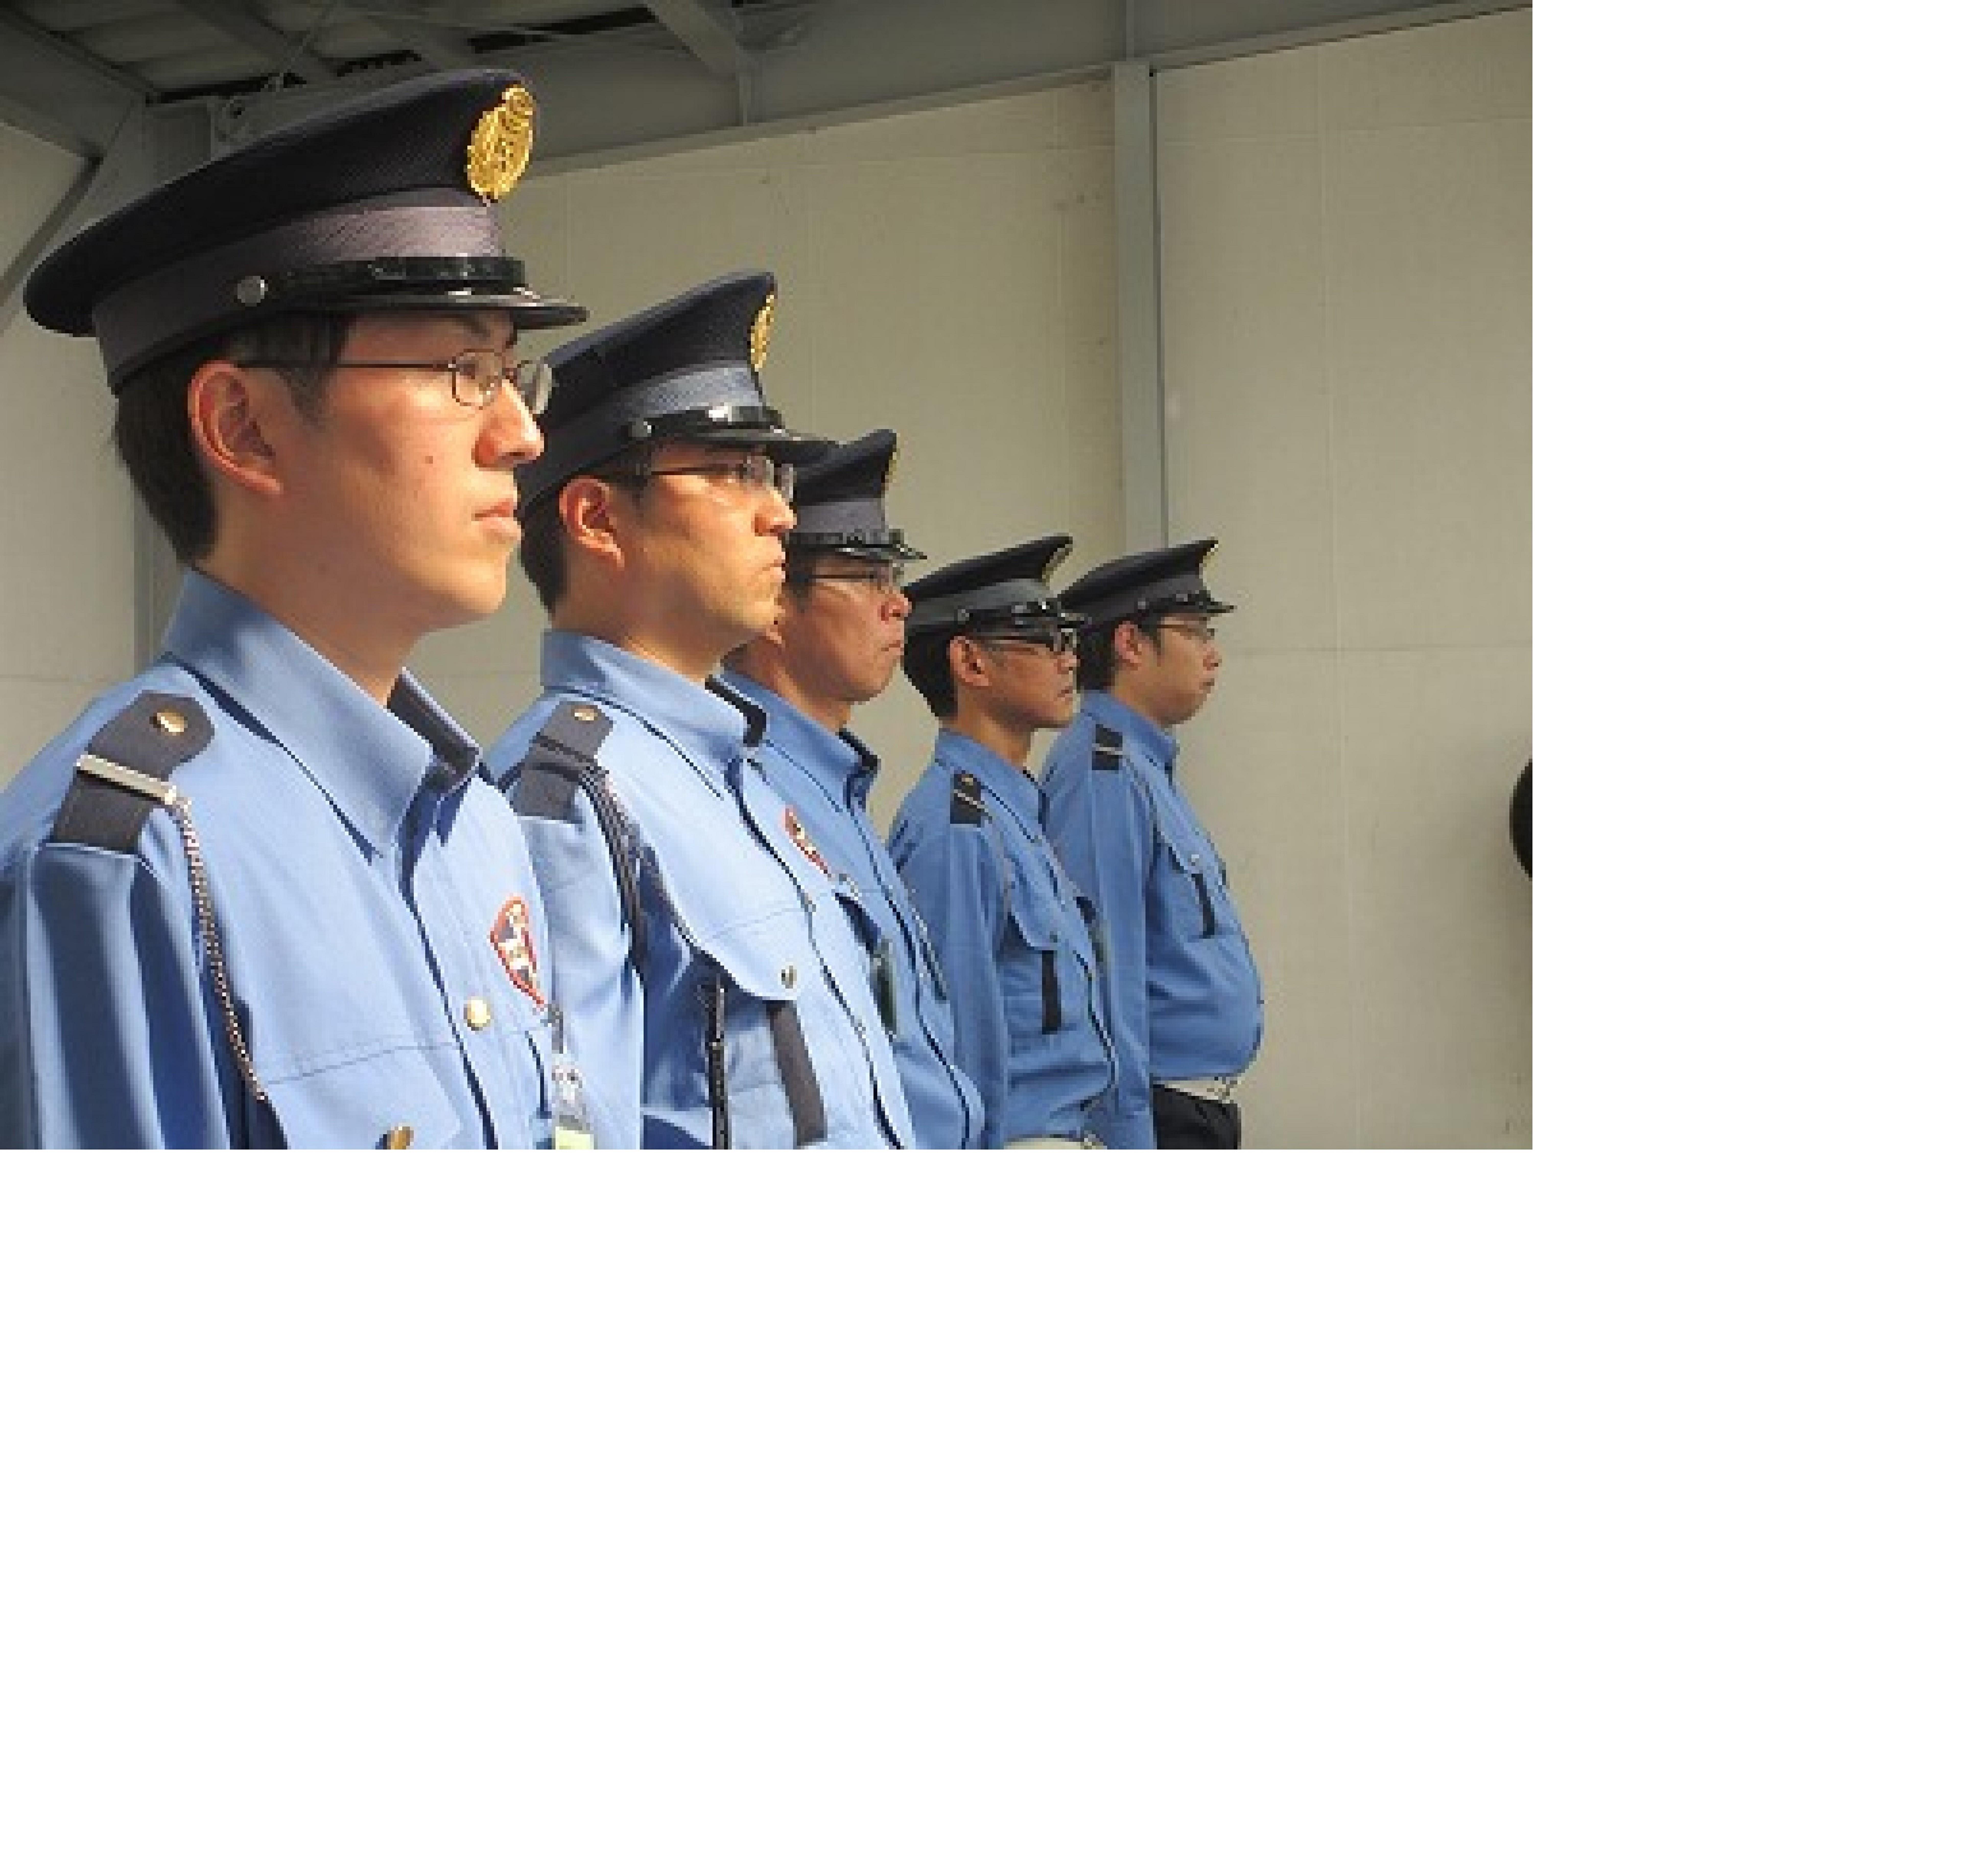 警備員 品川区東品川エリア 株式会社スリーエス のアルバイト情報